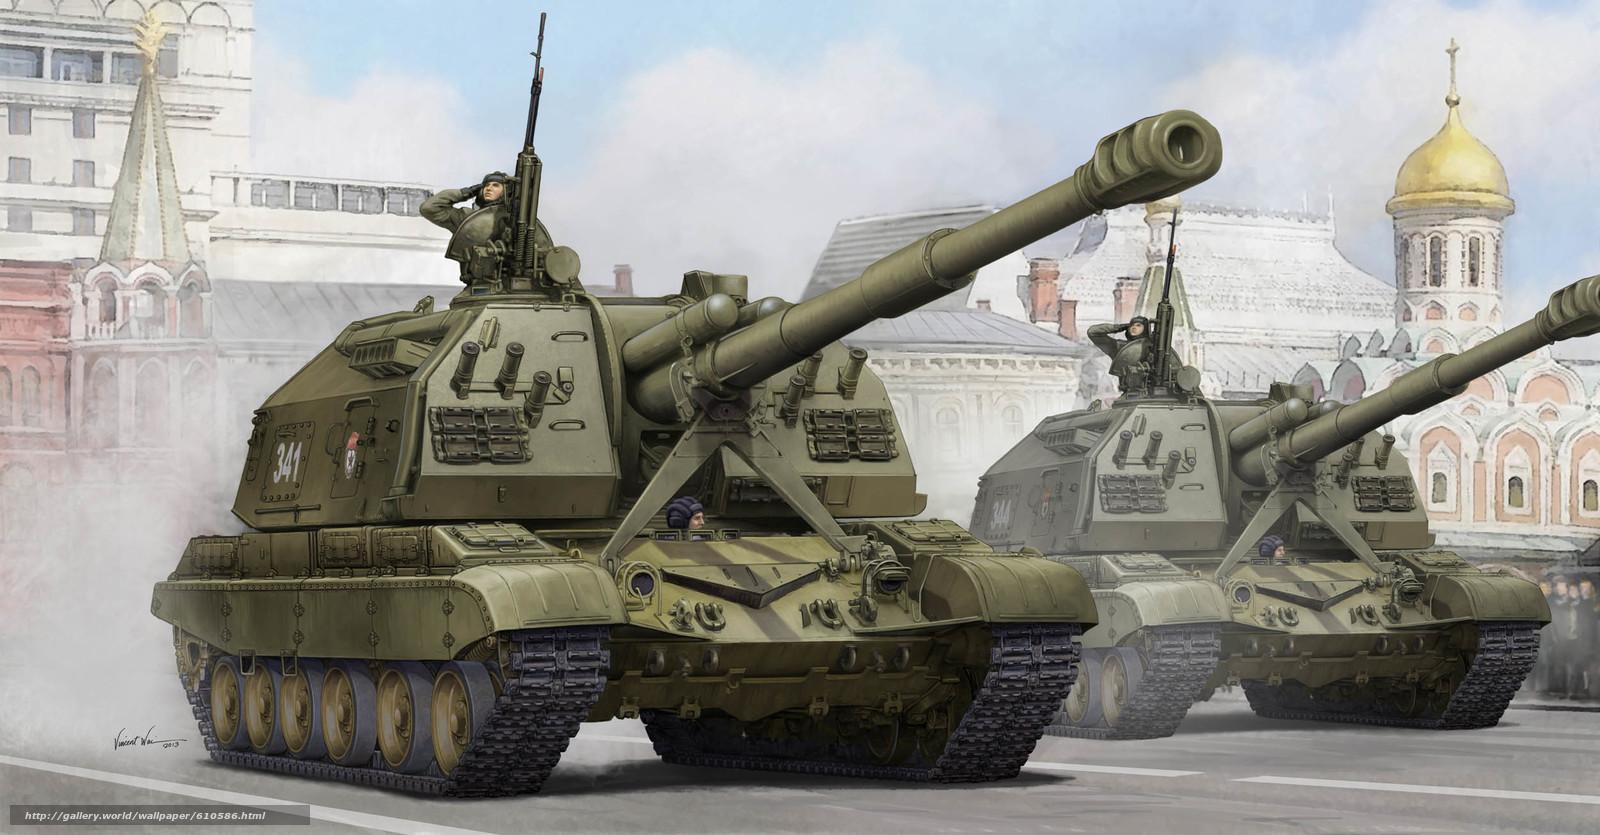 Baixar Wallpaper Arte,  Rússia,  Parada da Vitória,  MSTA-S canhões autopropulsados Papis de parede grtis na resoluo 2500x1305 — quadro №610586